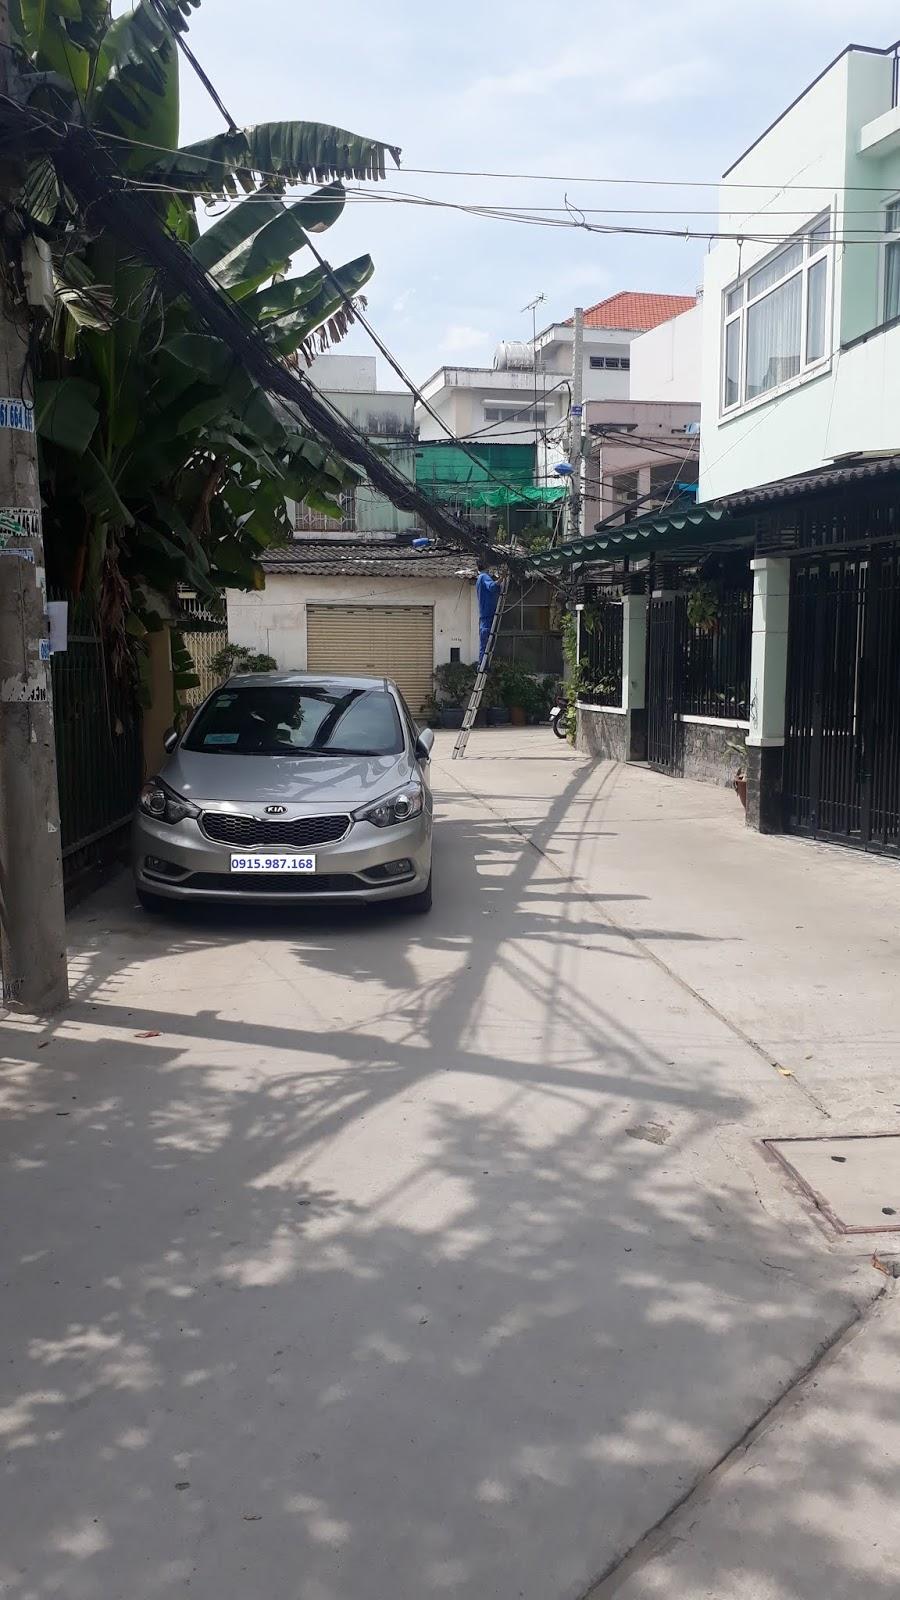 Bán nhà Hẻm xe hơi 2683 Phạm Thế Hiển phường 7 Quận 8. DT 4x10,5m